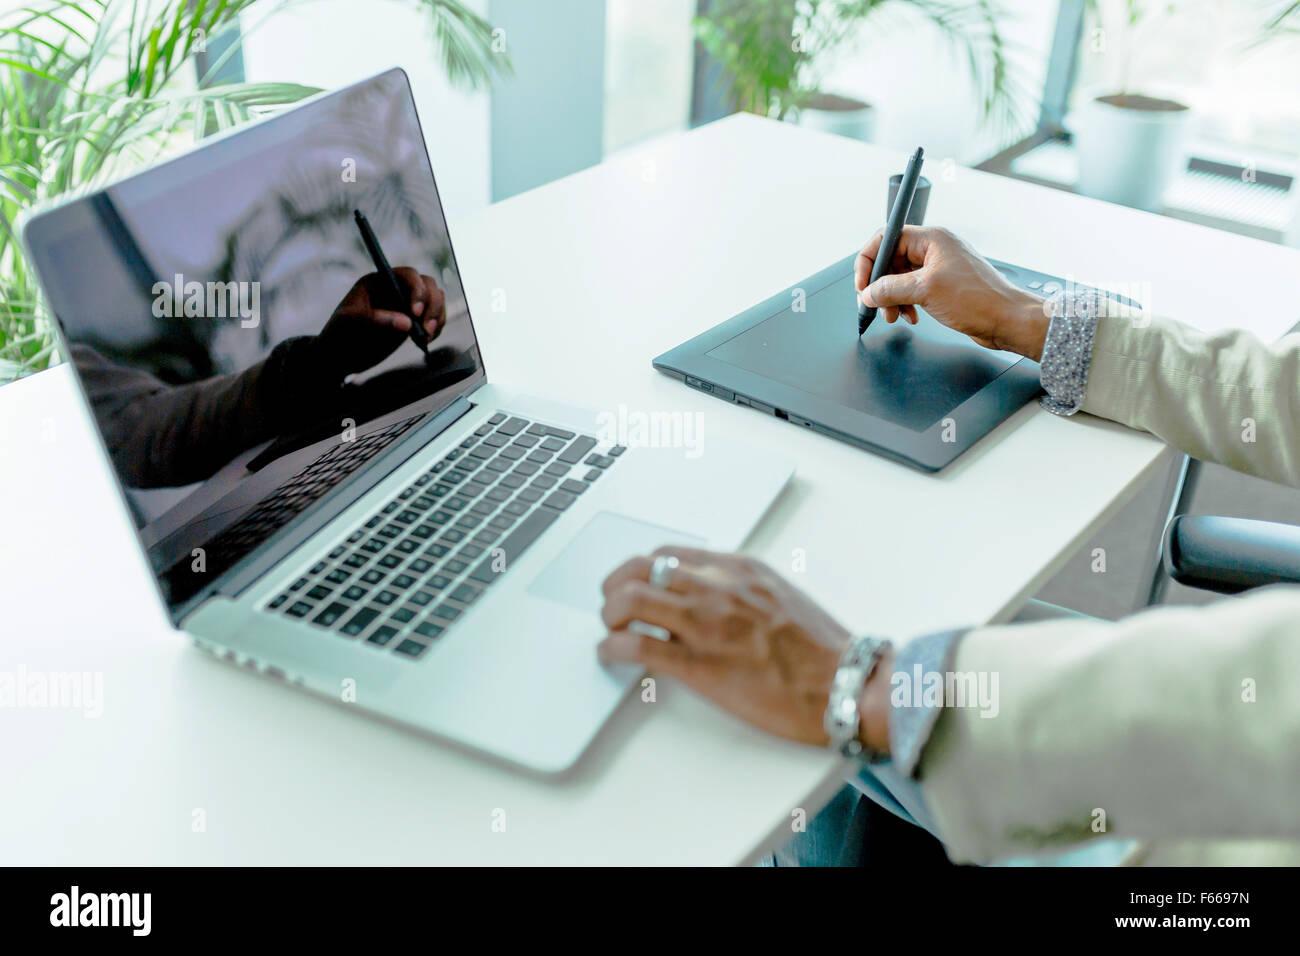 Grafikdesigner mit Digitizer mit seinen Überlegungen auf dem Notebook Bildschirm anzeigen Stockbild